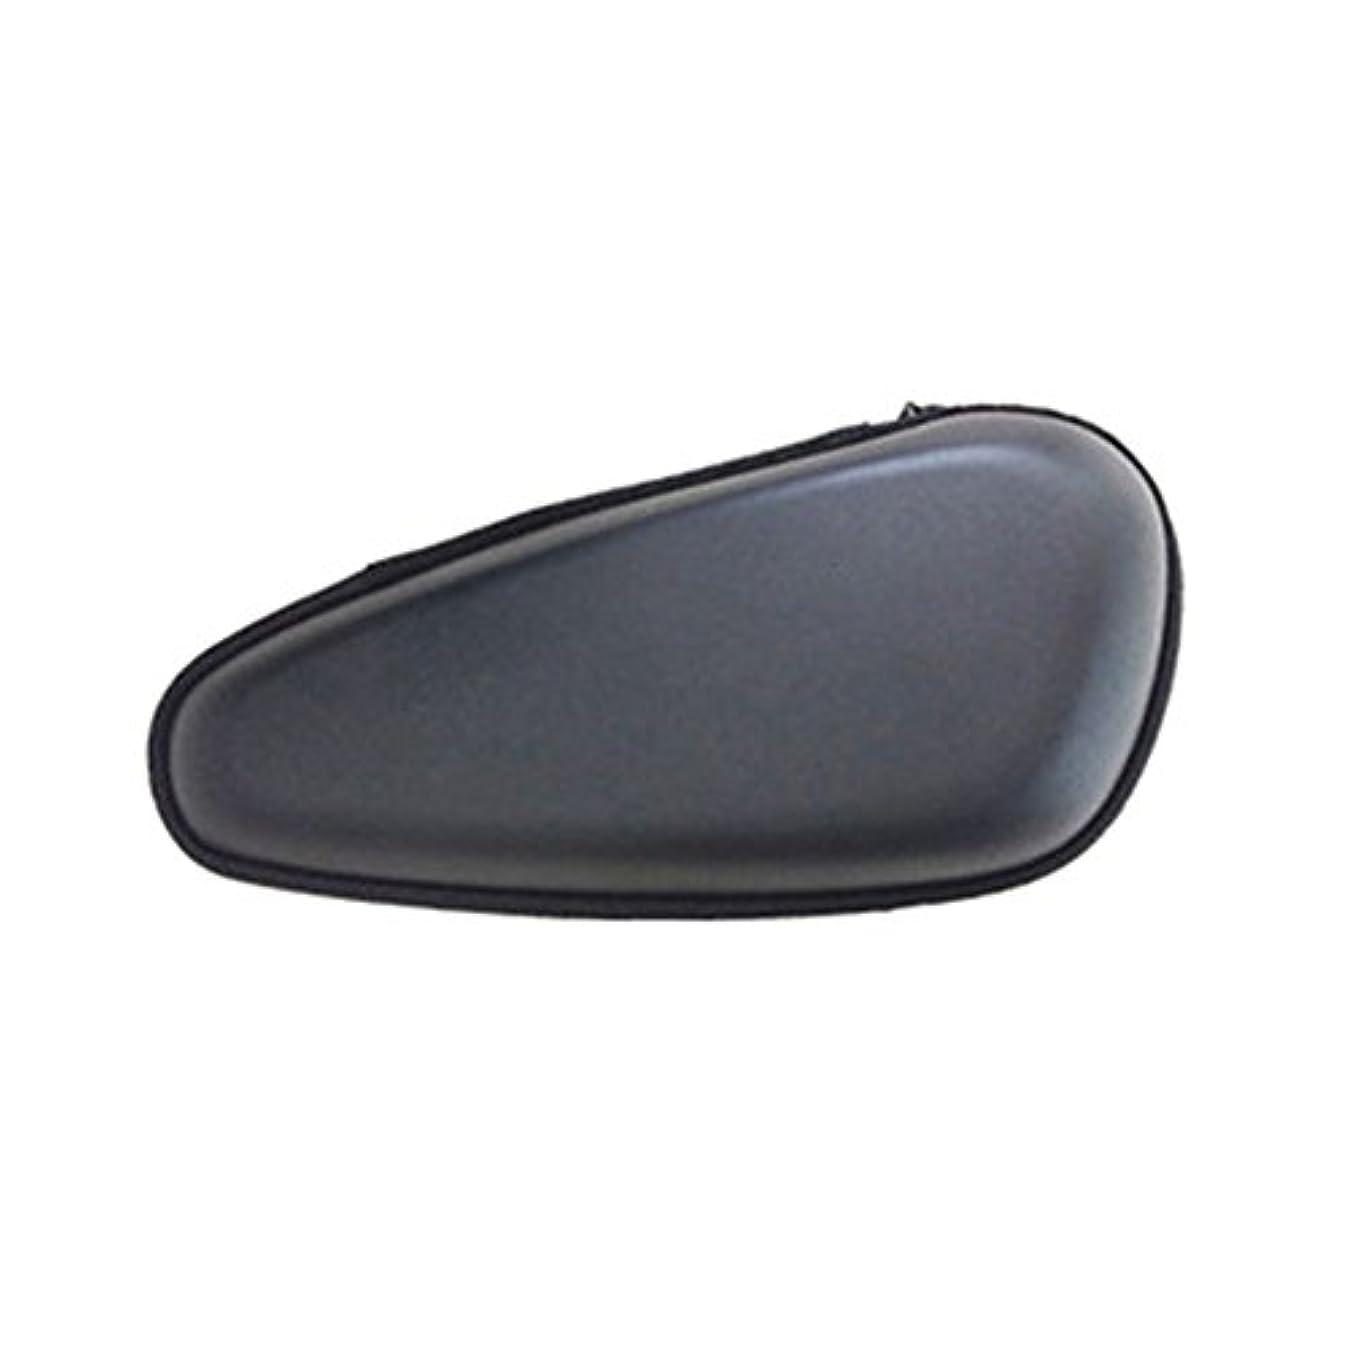 宇宙自分の領域HZjundasi Replacement シェーバートラベルケースバッグ for Philips HQ912/909/986/917/904/902